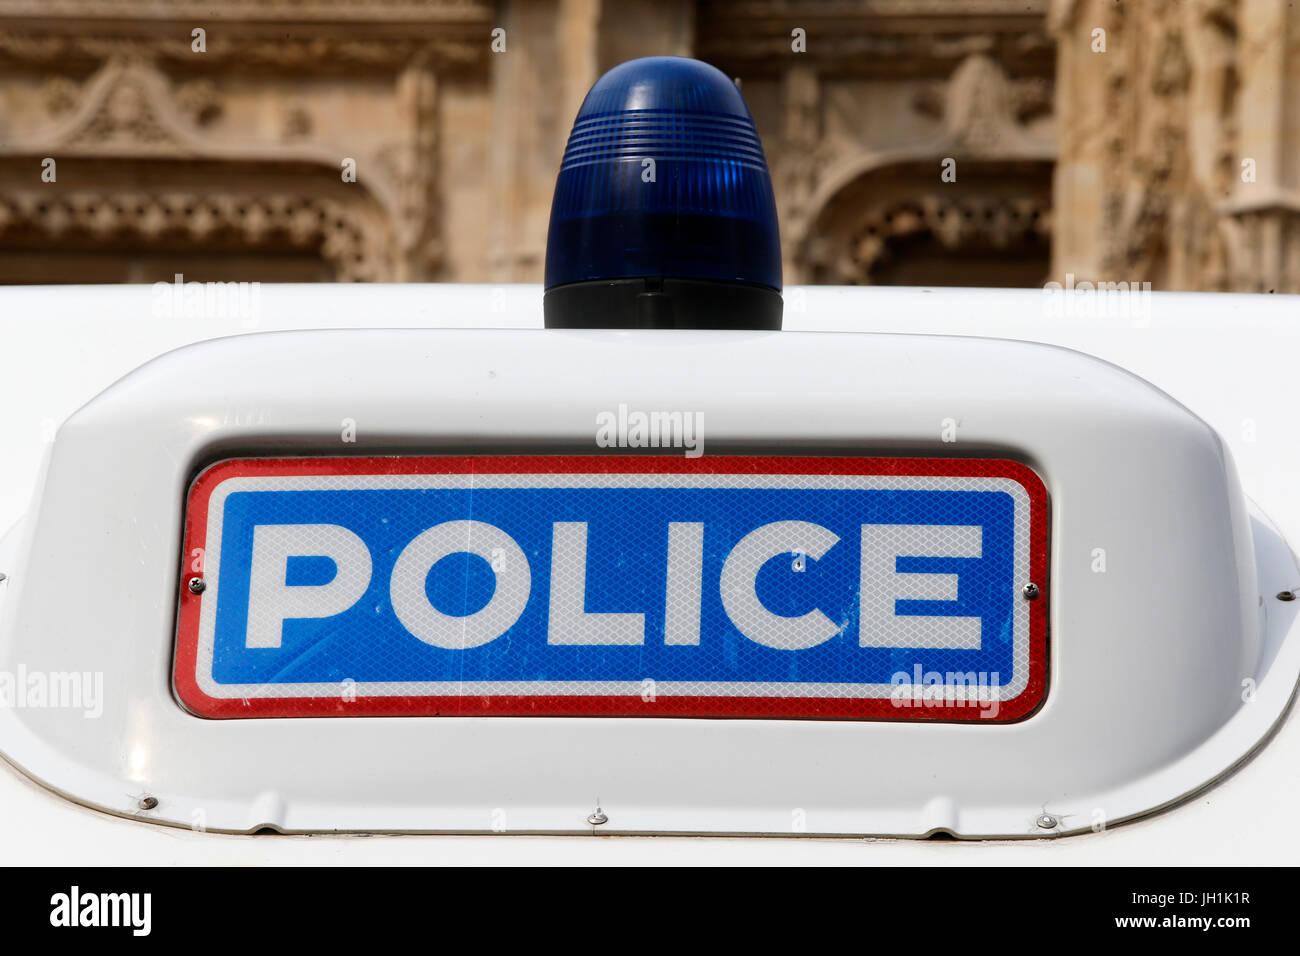 Polizei-Fahrzeug. Frankreich. Stockbild